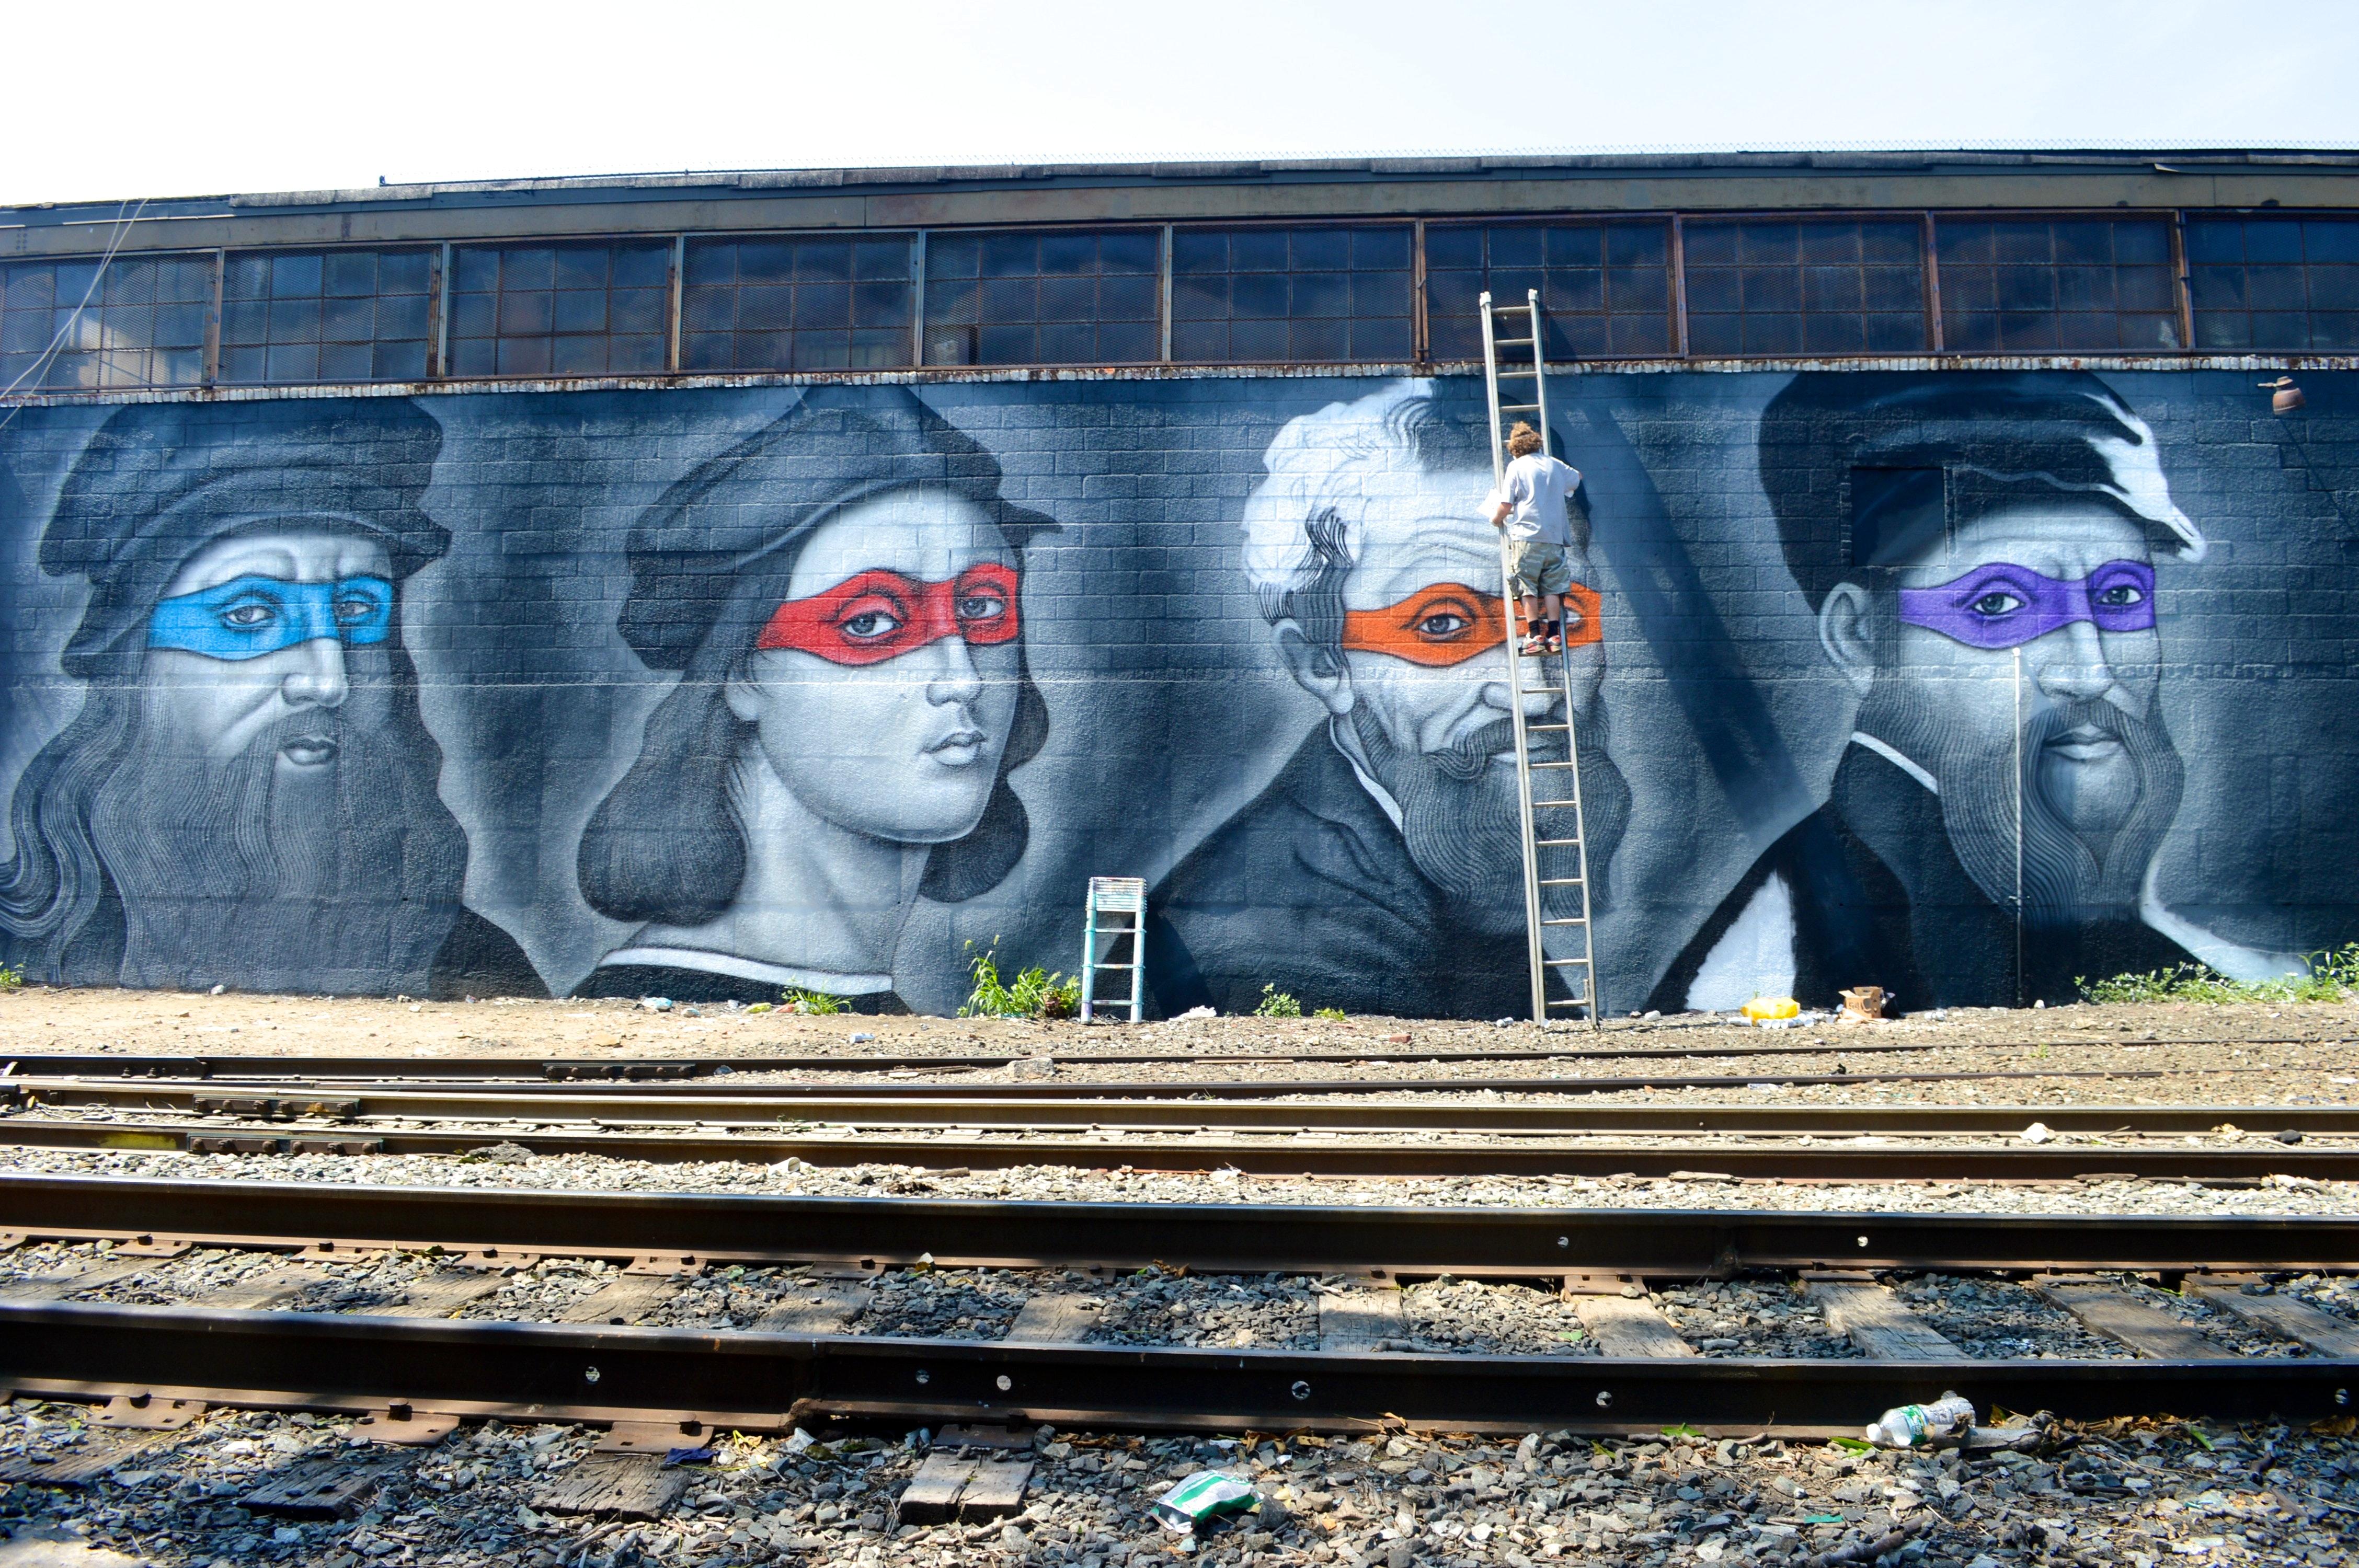 OD at Work on the four Ninja art Turtles